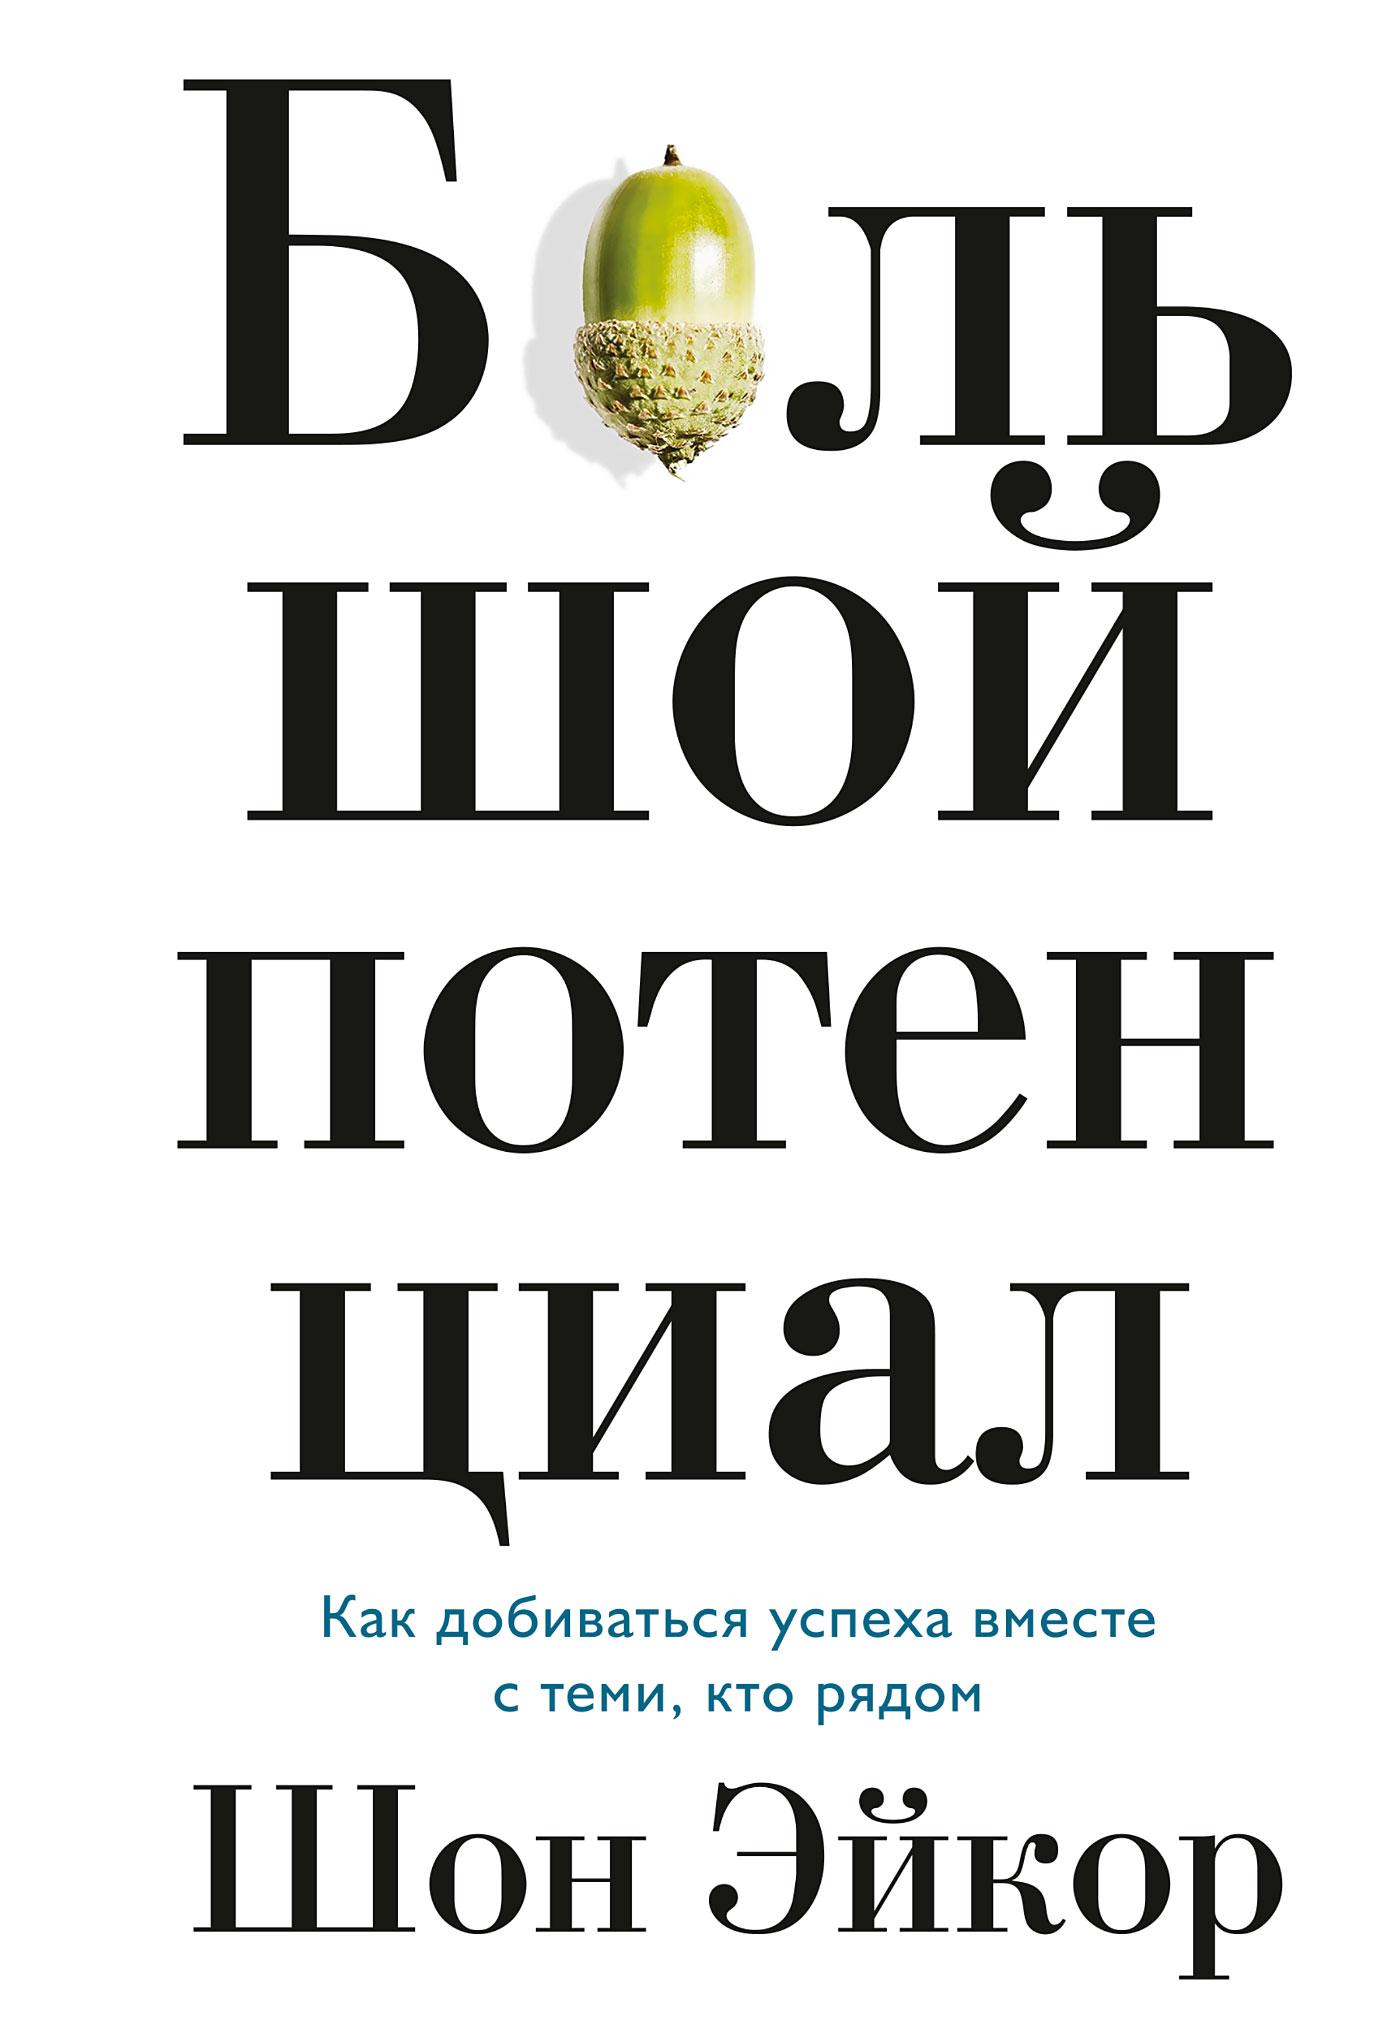 Обложка книги Большой потенциал. Как добиваться успеха вместе с теми, кто рядом